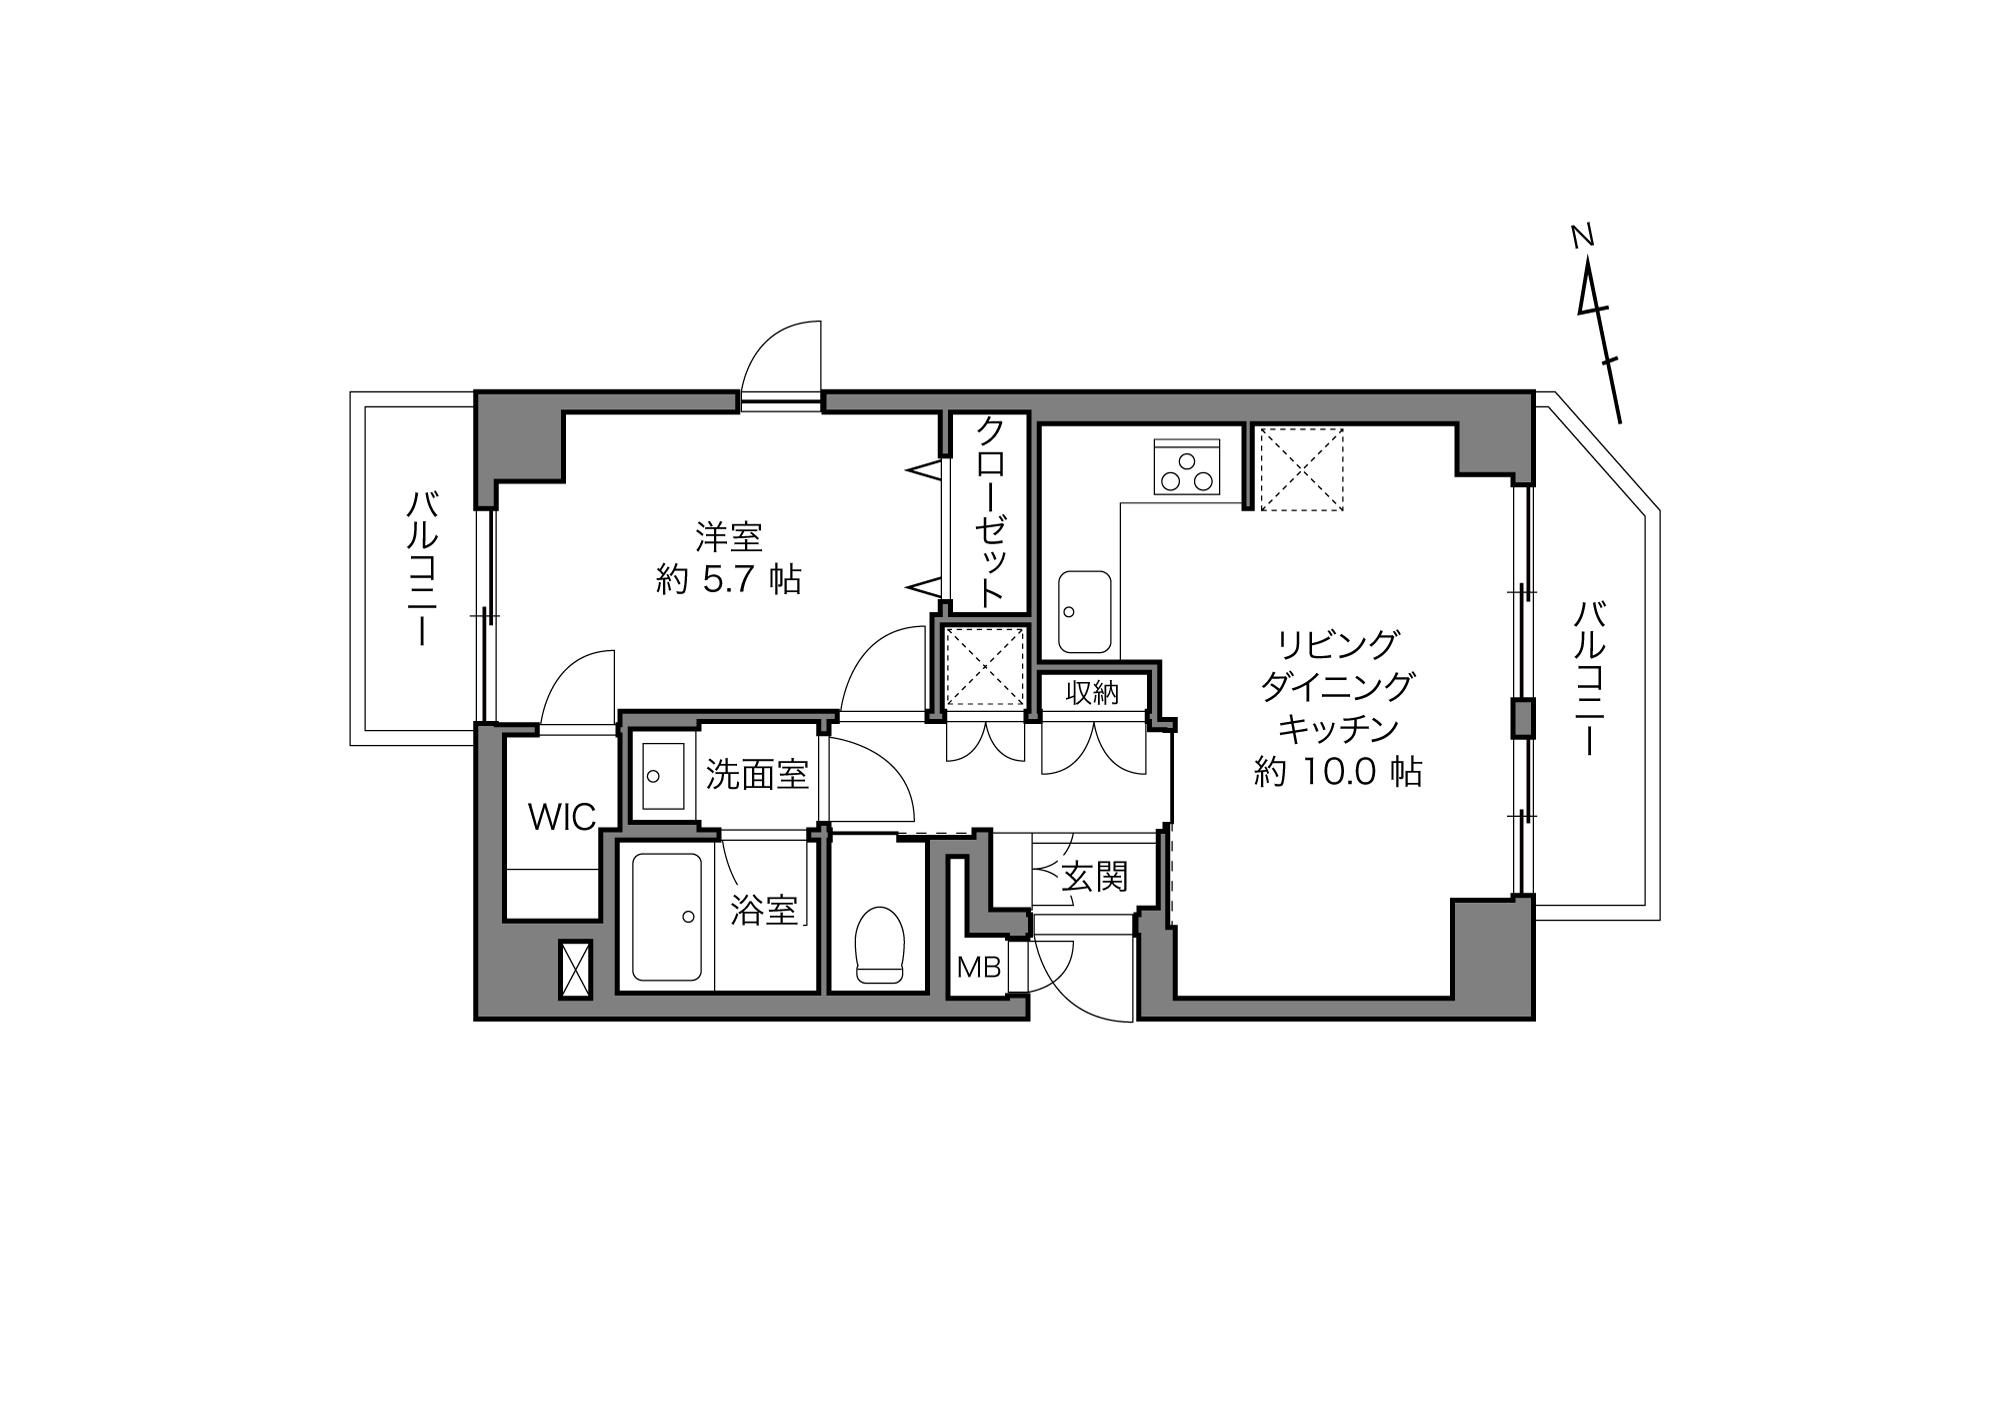 三河島駅 / 1LDK+WIC / 41.73㎡